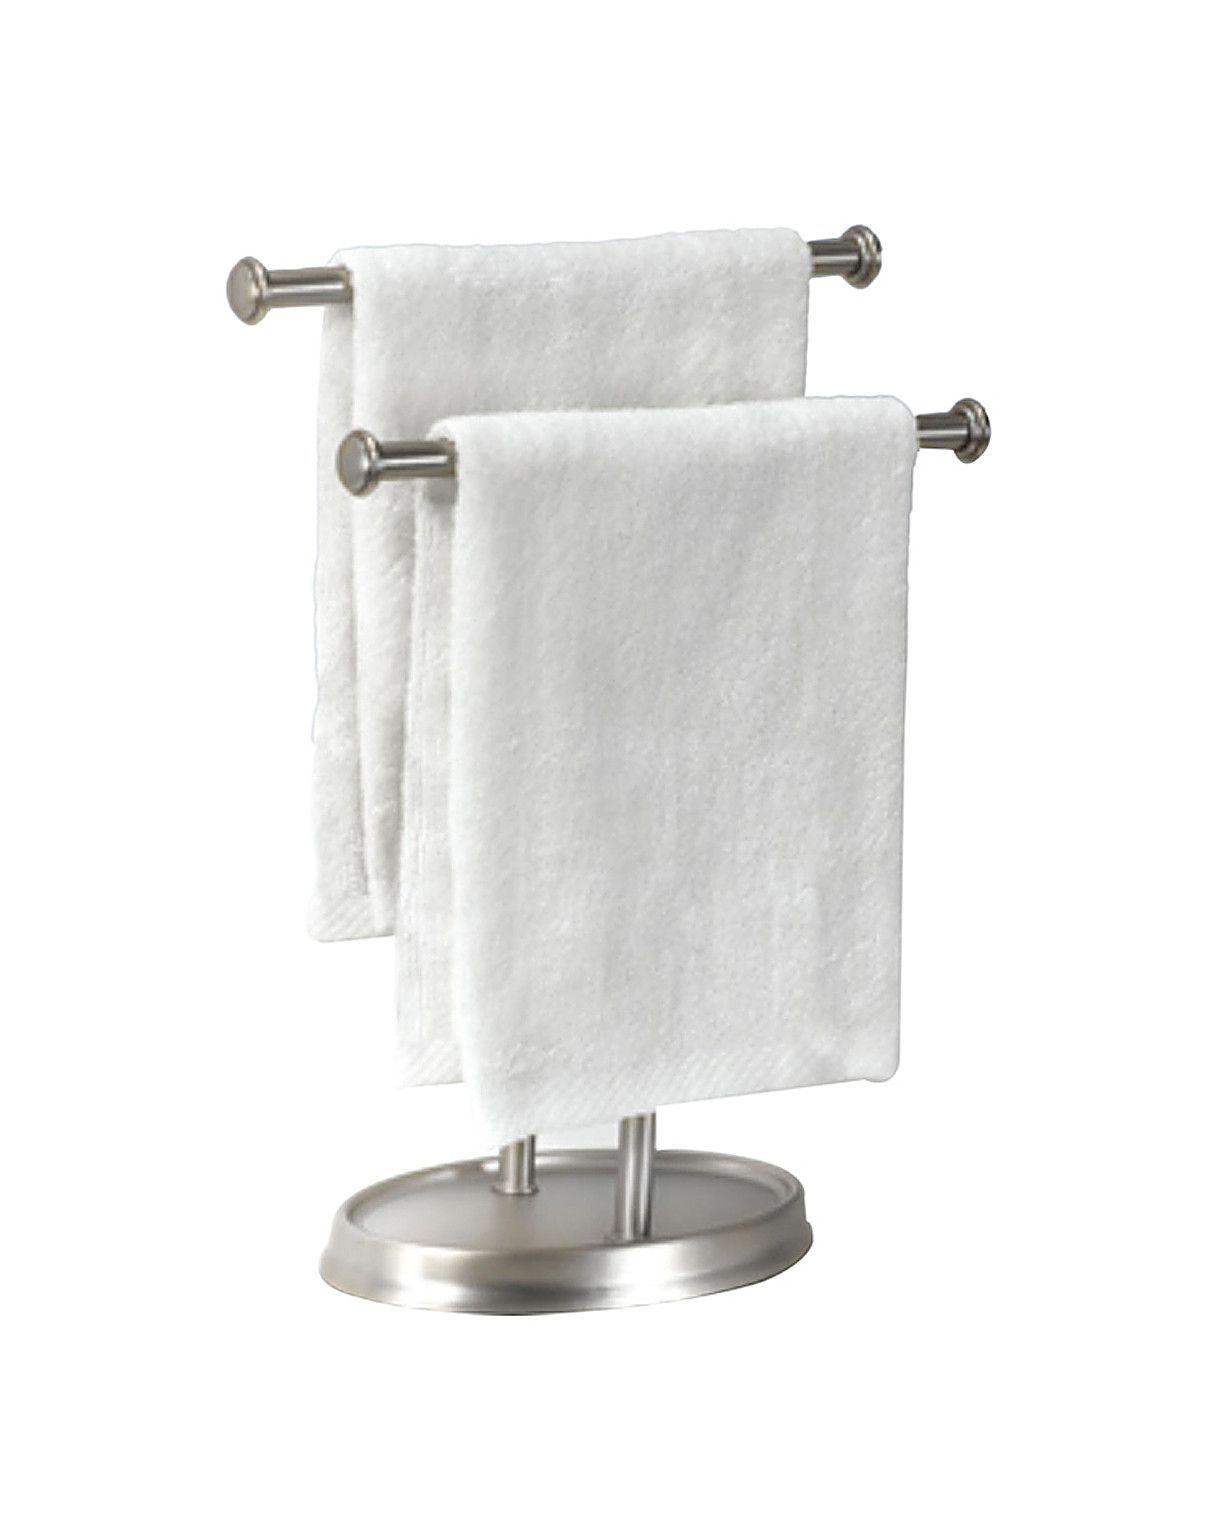 Free Standing Towel Stand Towel Rack Hand Towel Rack Towel